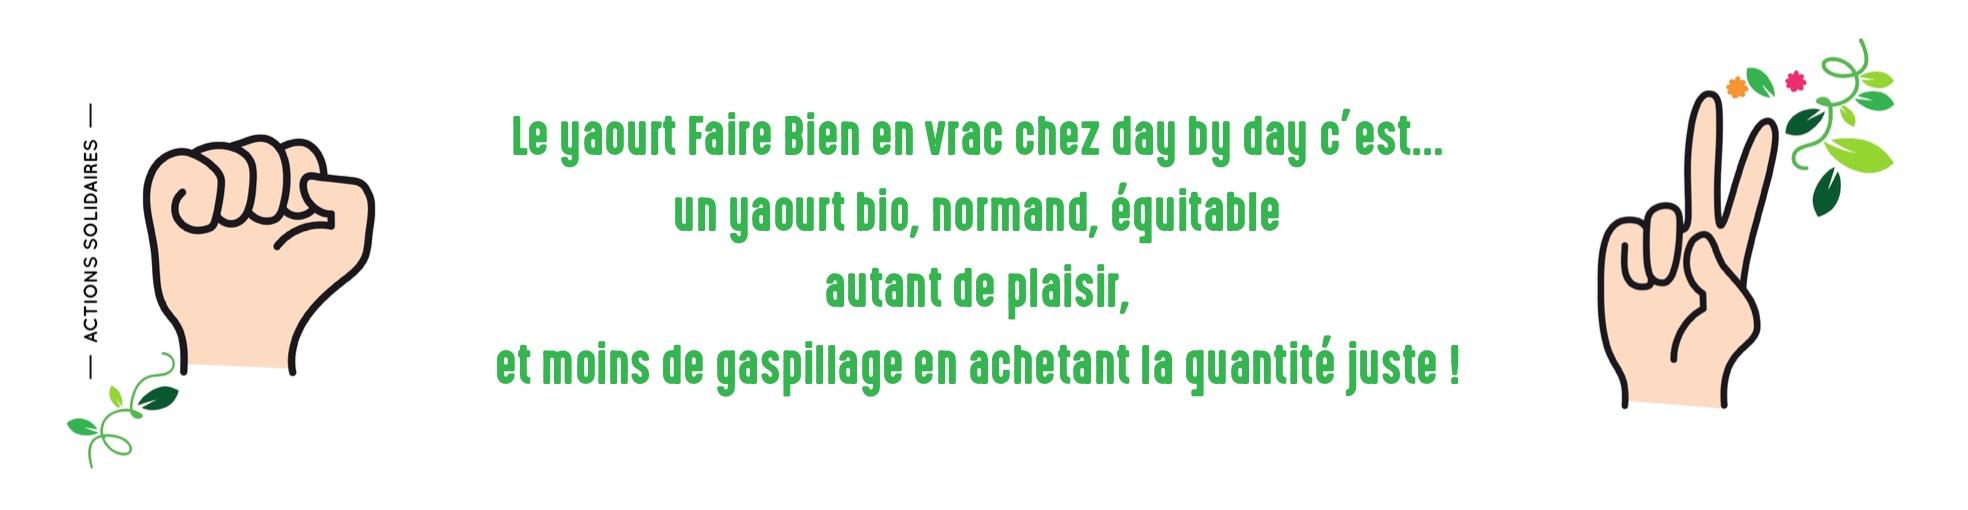 Capture decran 2021 03 10 a 16.04.49 - Le « Yaourt bio en vrac » Faire Bien S'installe chez day by day